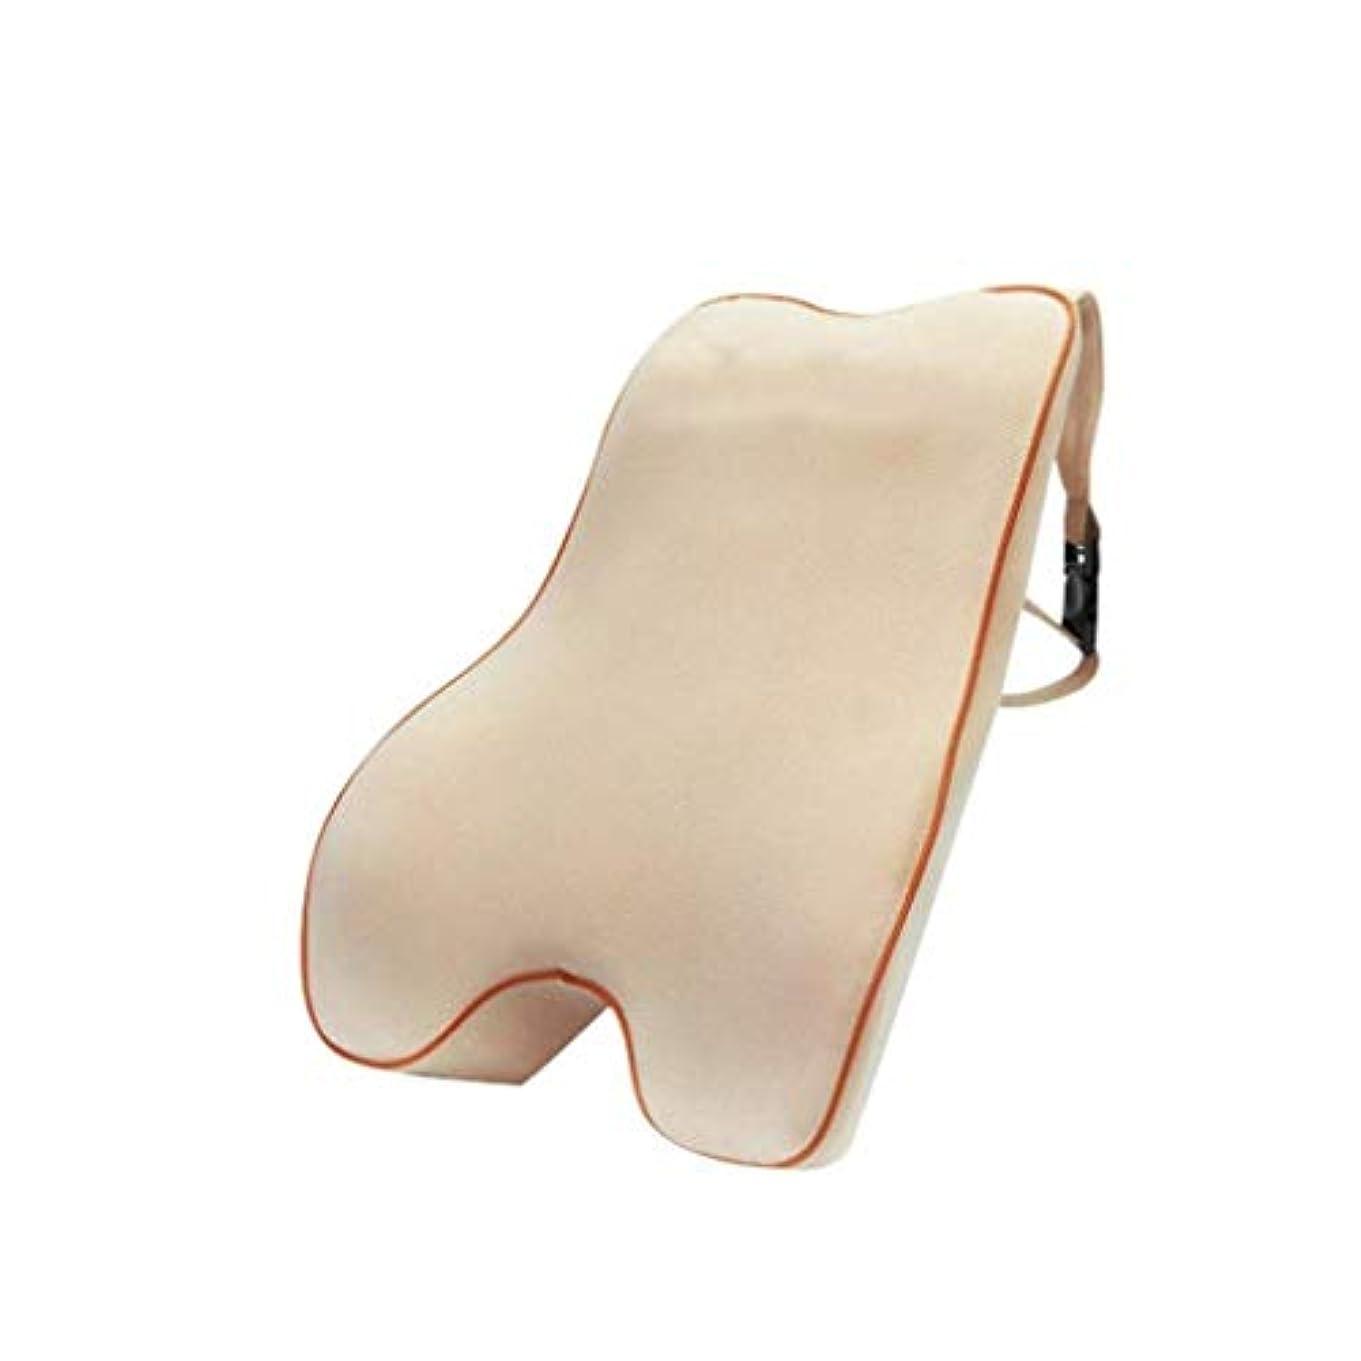 処理逃げる精巧な腰椎枕 - 100%低反発腰椎クッション - ポータブル枕 - 整形外科用ウエストサポート枕 - 車のオフィスチェア - 長距離運転オフィスに適した腰痛緩和